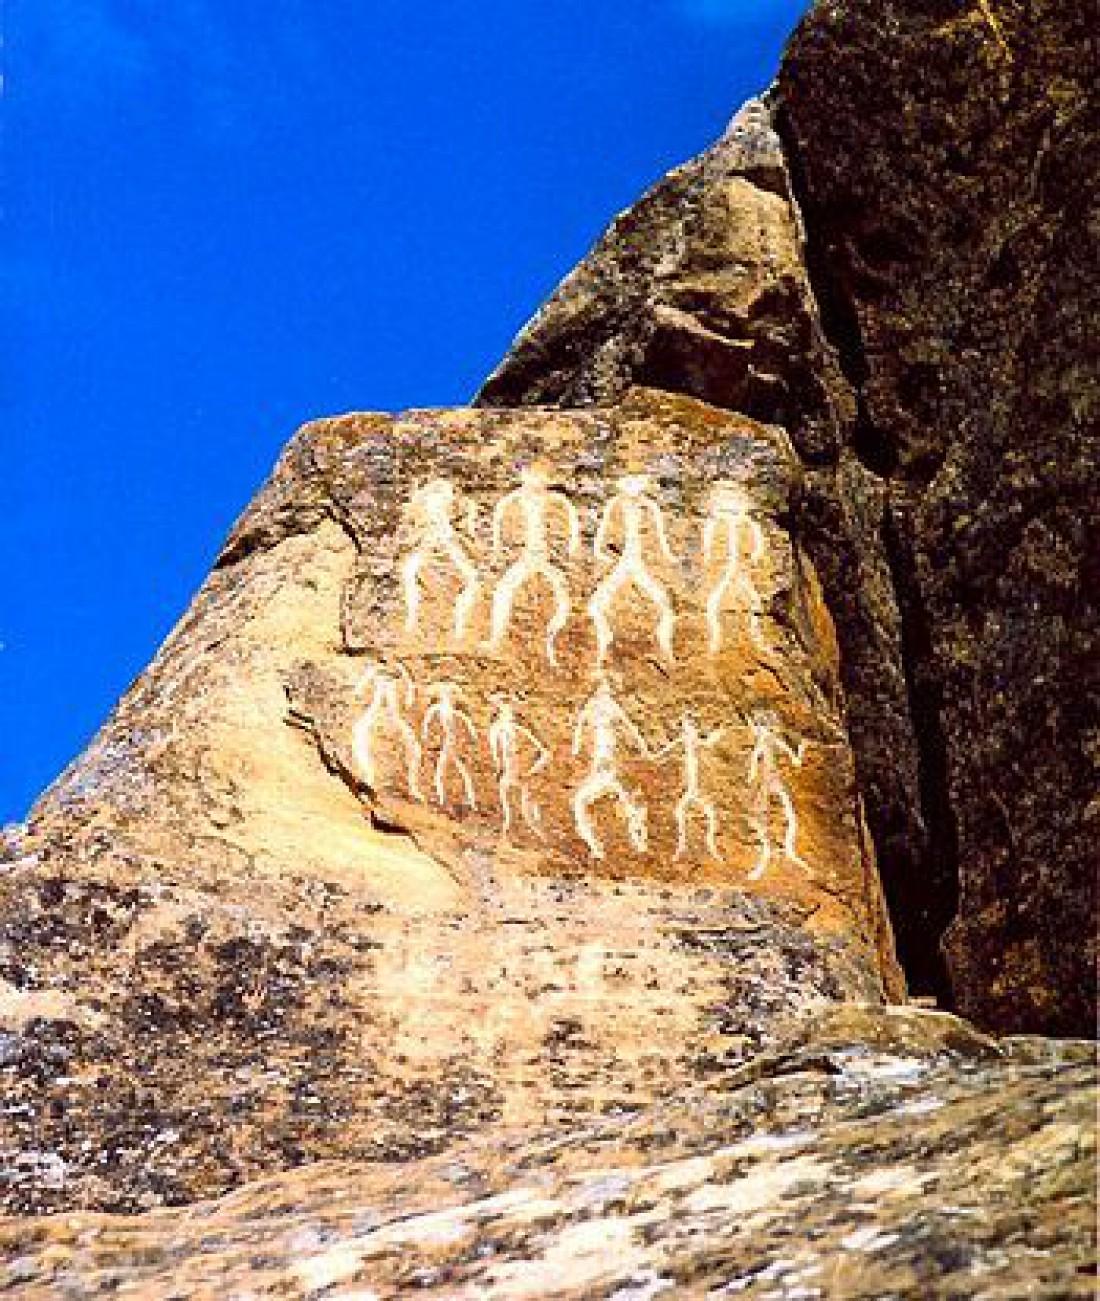 Образец наскальной живописи из заповедника Гобустан